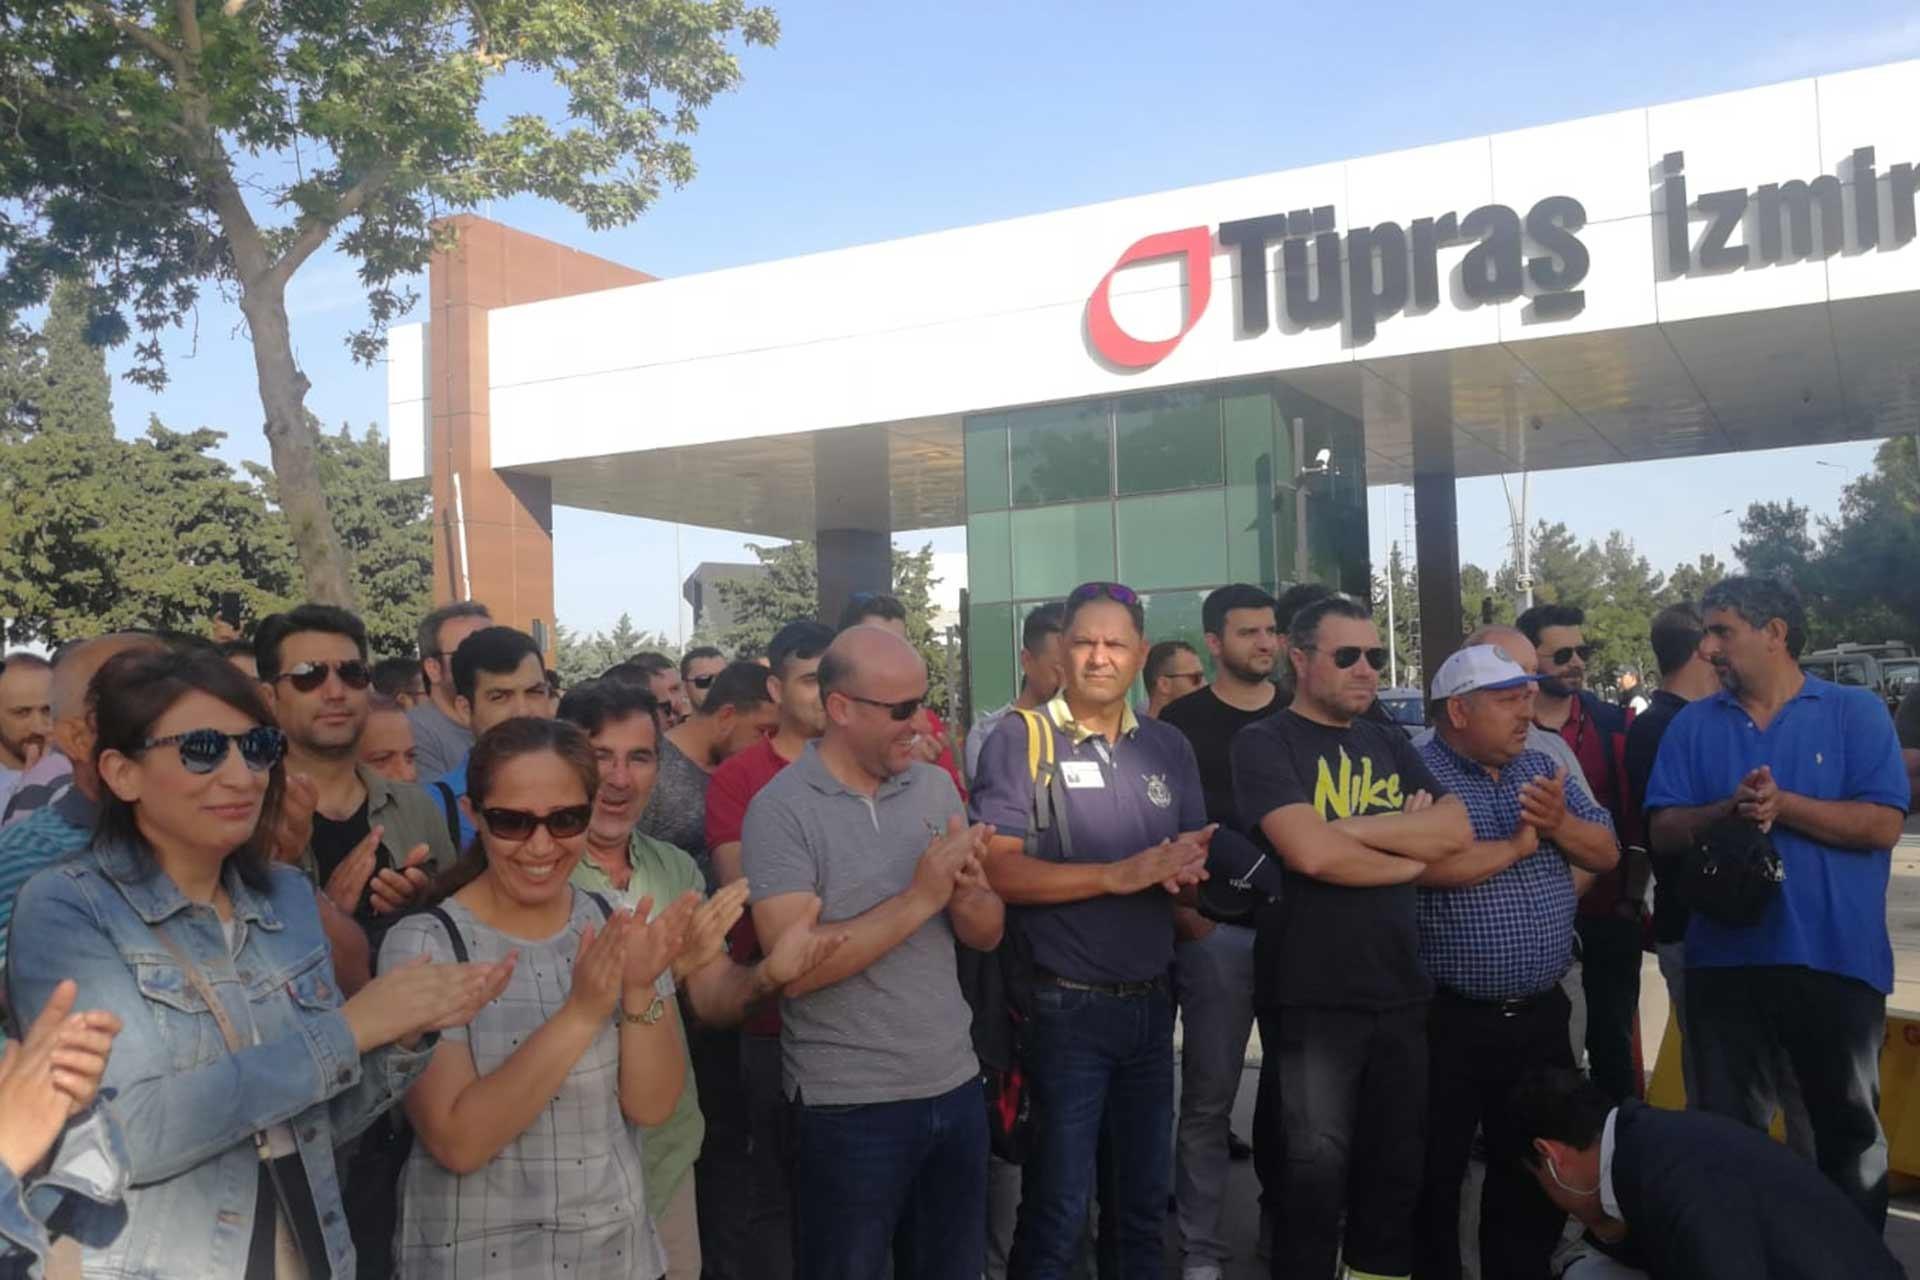 TÜPRAŞ, Divan işçileri davası ve Koç Holding